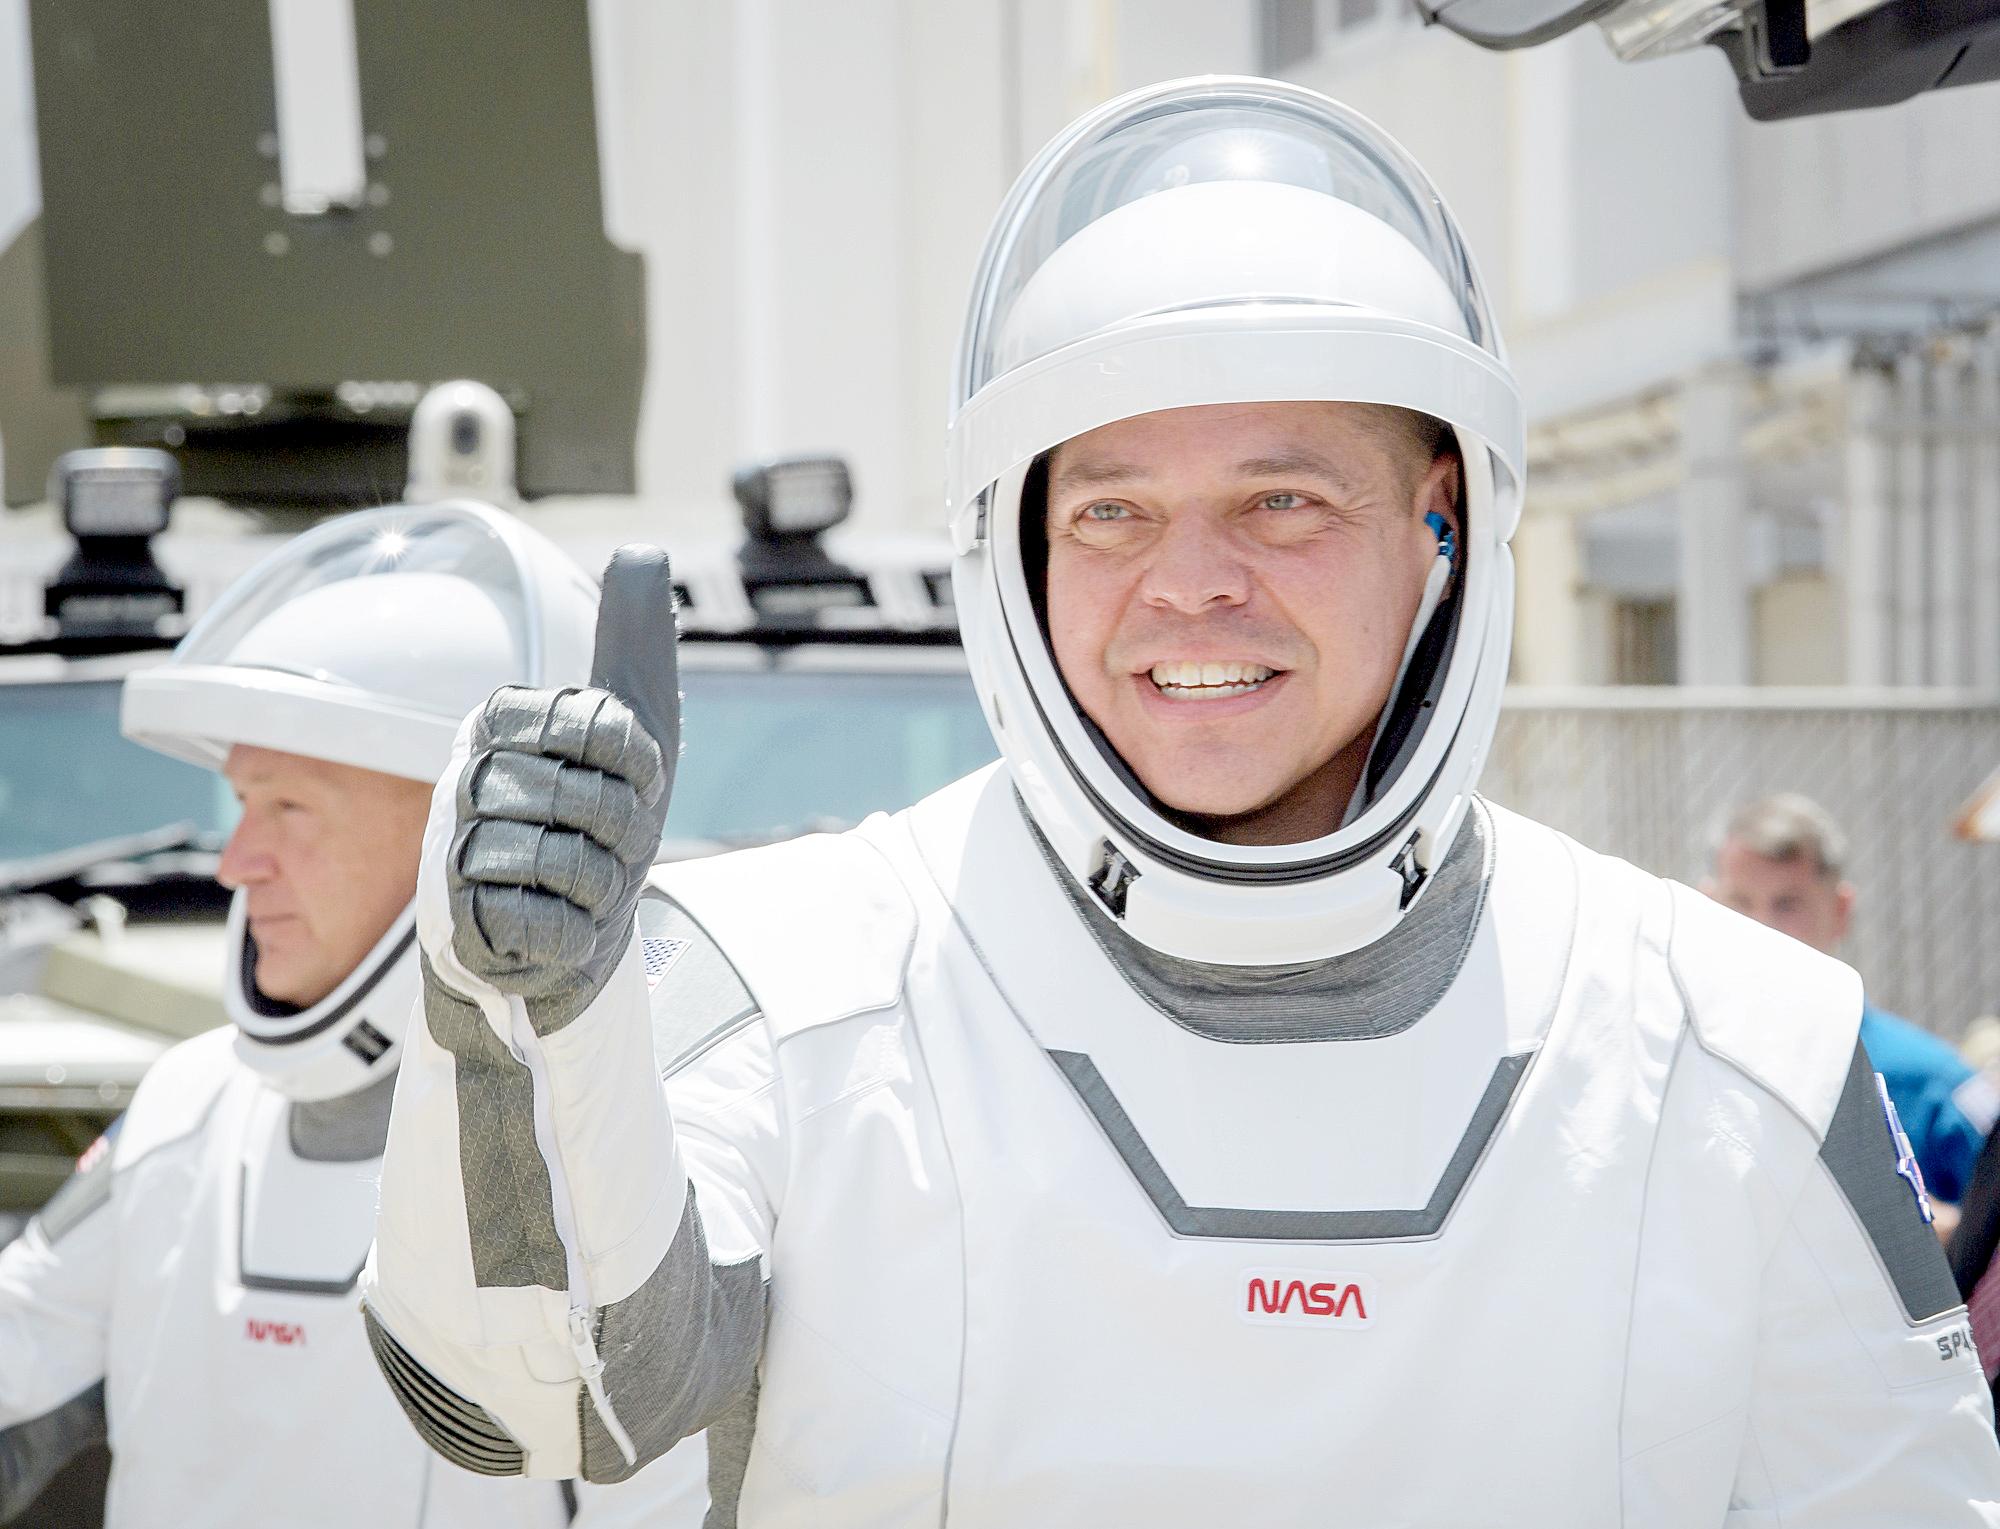 Doug Hurley và Bob Behnken là 2 người nhận nhiệm vụ lần này. Cả hai cũng từng có kinh nghiệm đi trên các tàu con thoi. Tại ISS, họ sẽ kết hợp với đồng nghiệp Chris Cassidy và 2 phi hành gia người Nga ở đây thực hiện các nhiệm vụ khoa học - Ảnh: NASA